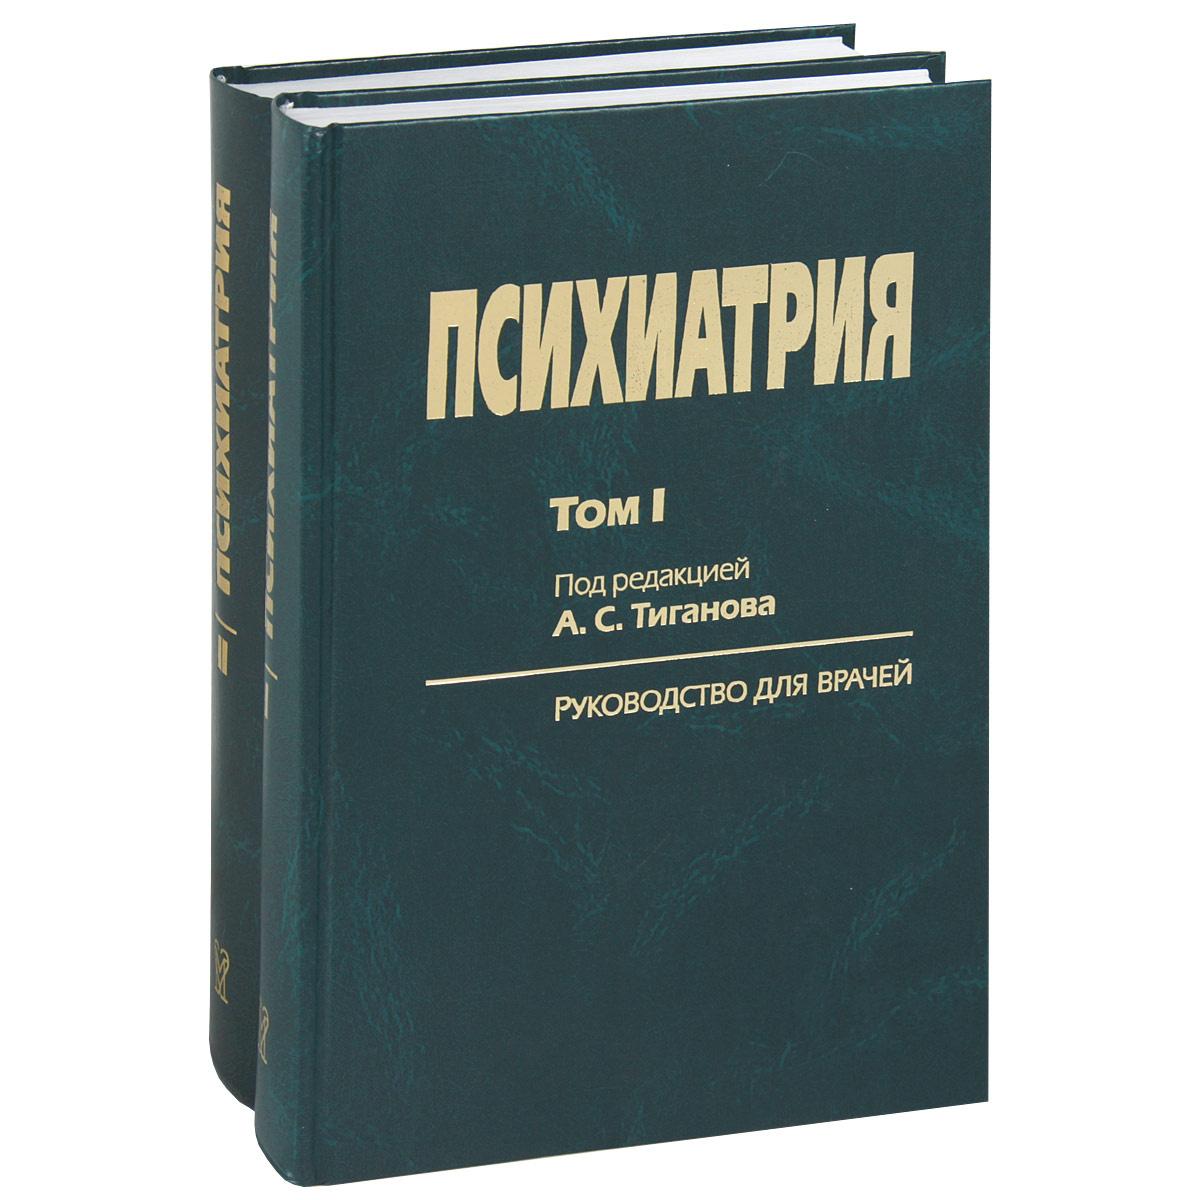 Психиатрия (комплект из 2 книг) #1